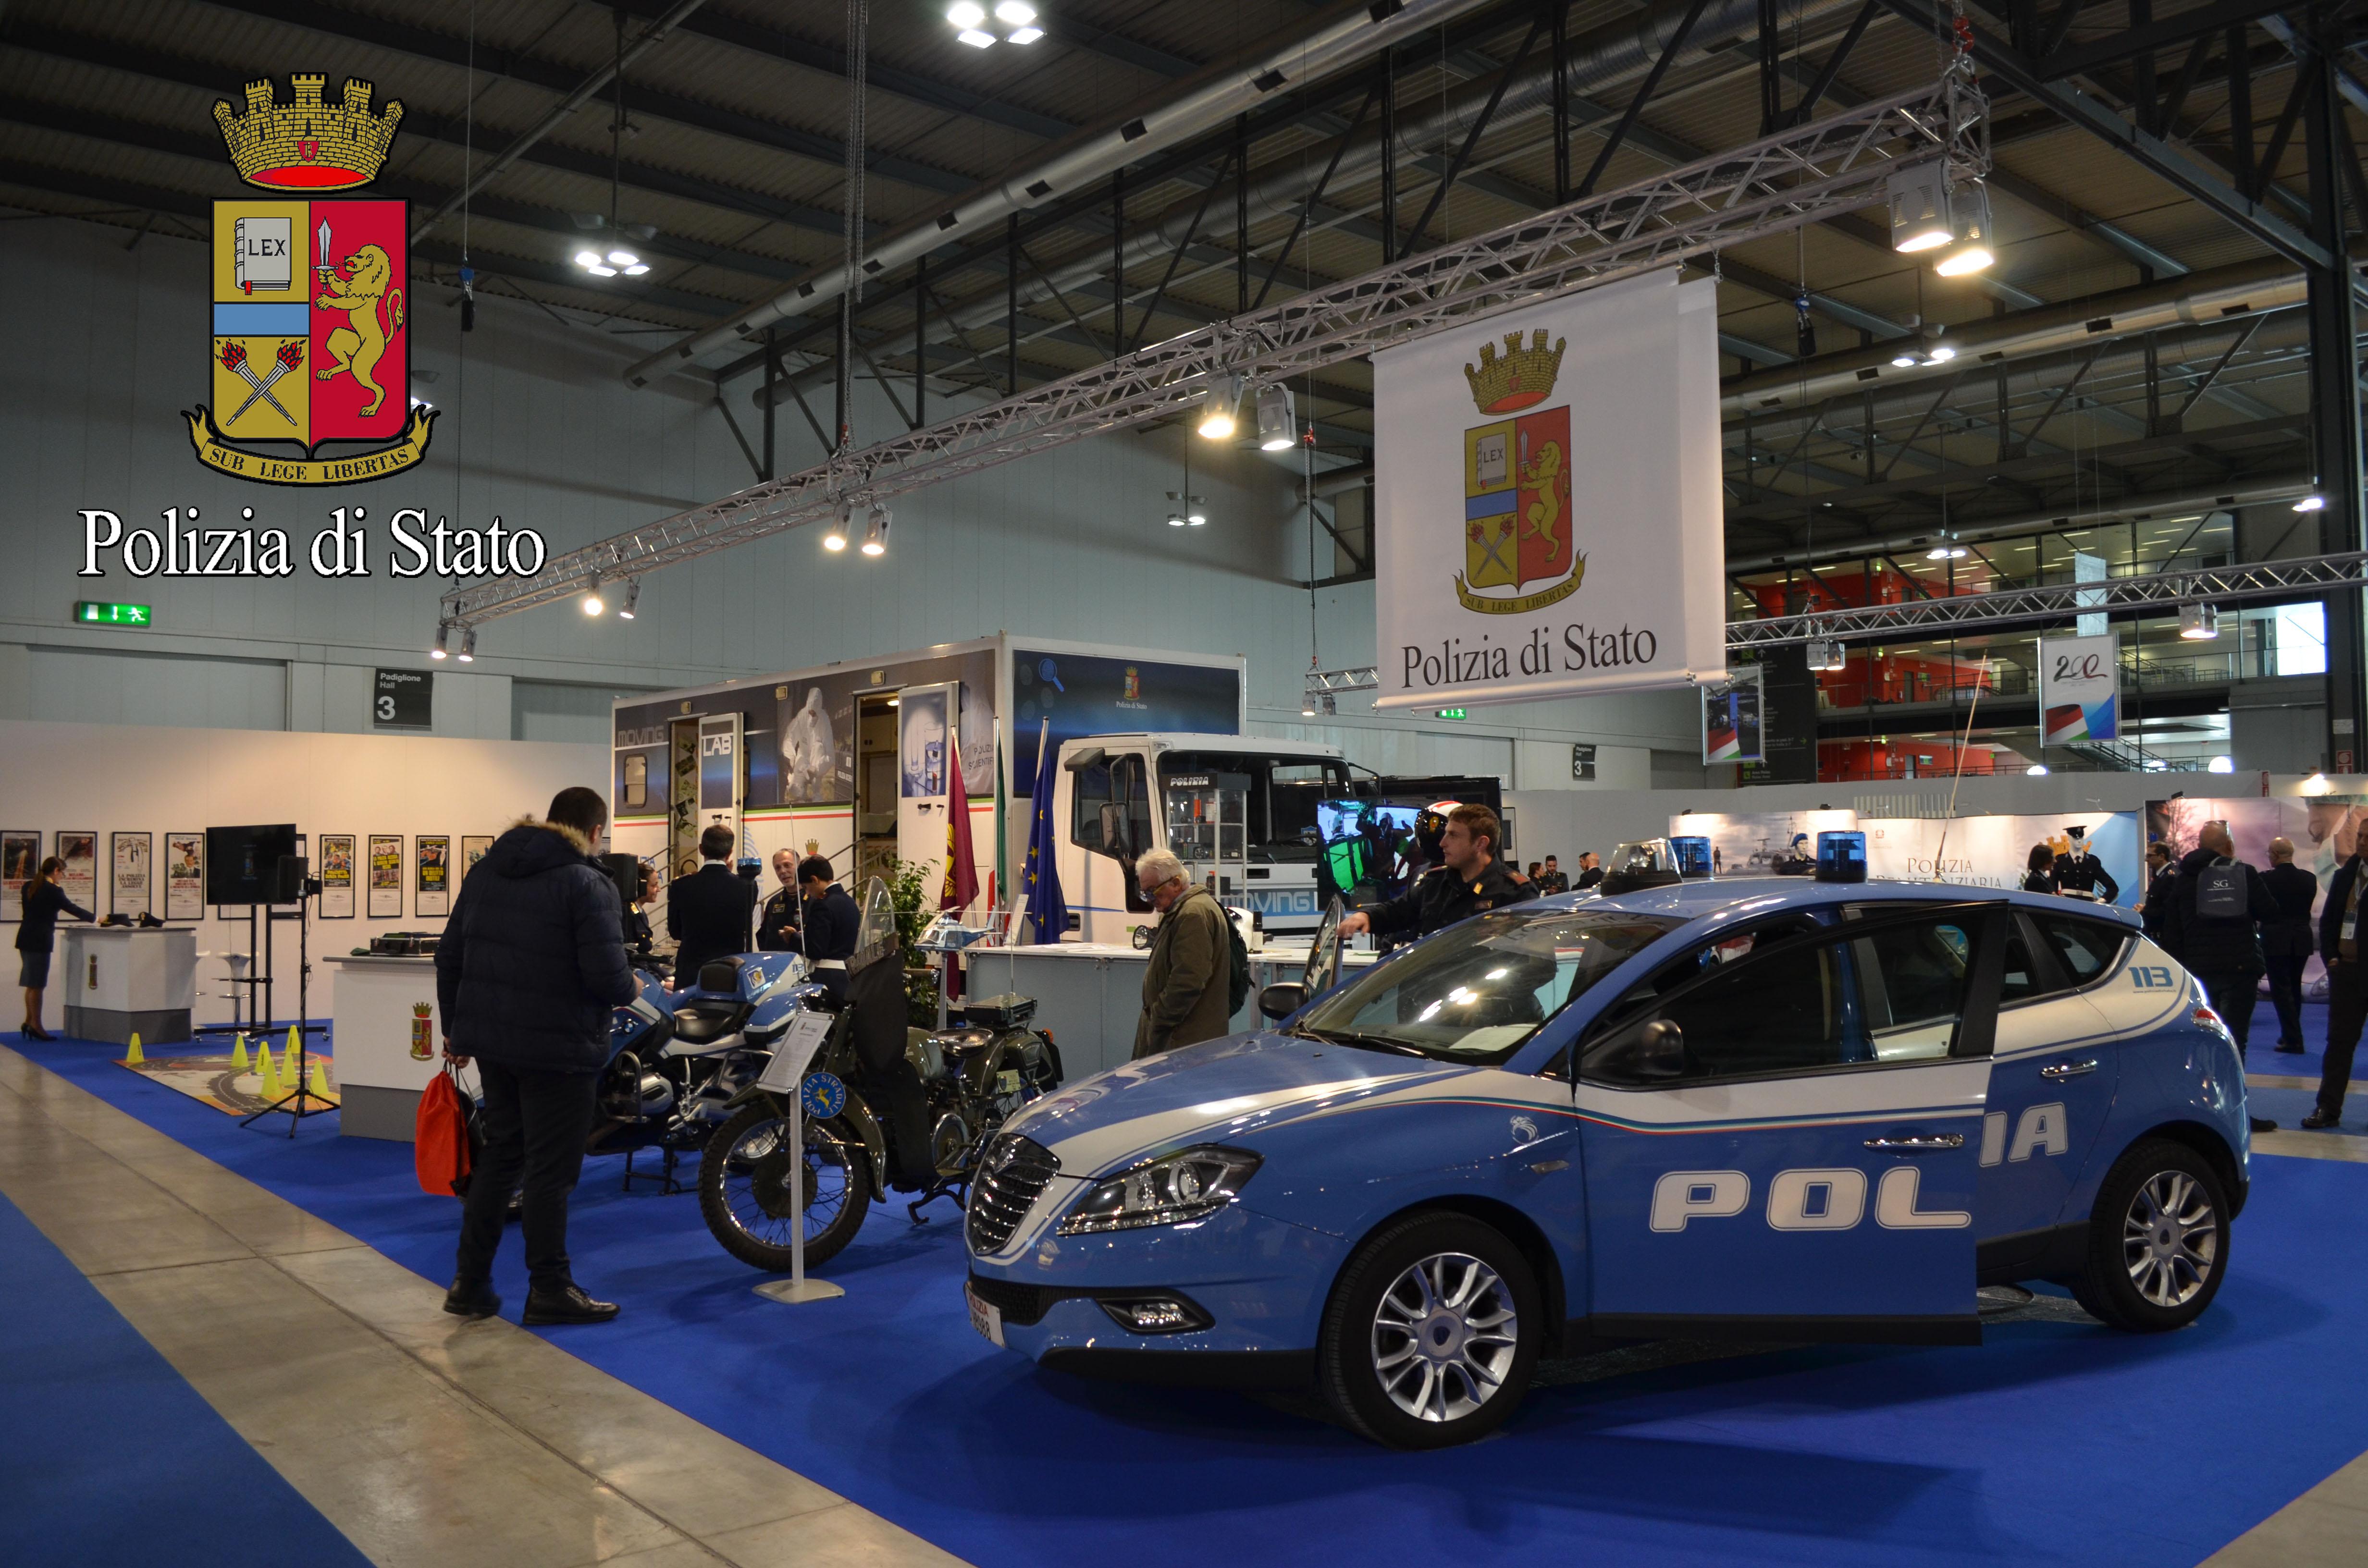 Polizia di stato questure sul web milano for Polizia di permesso di soggiorno